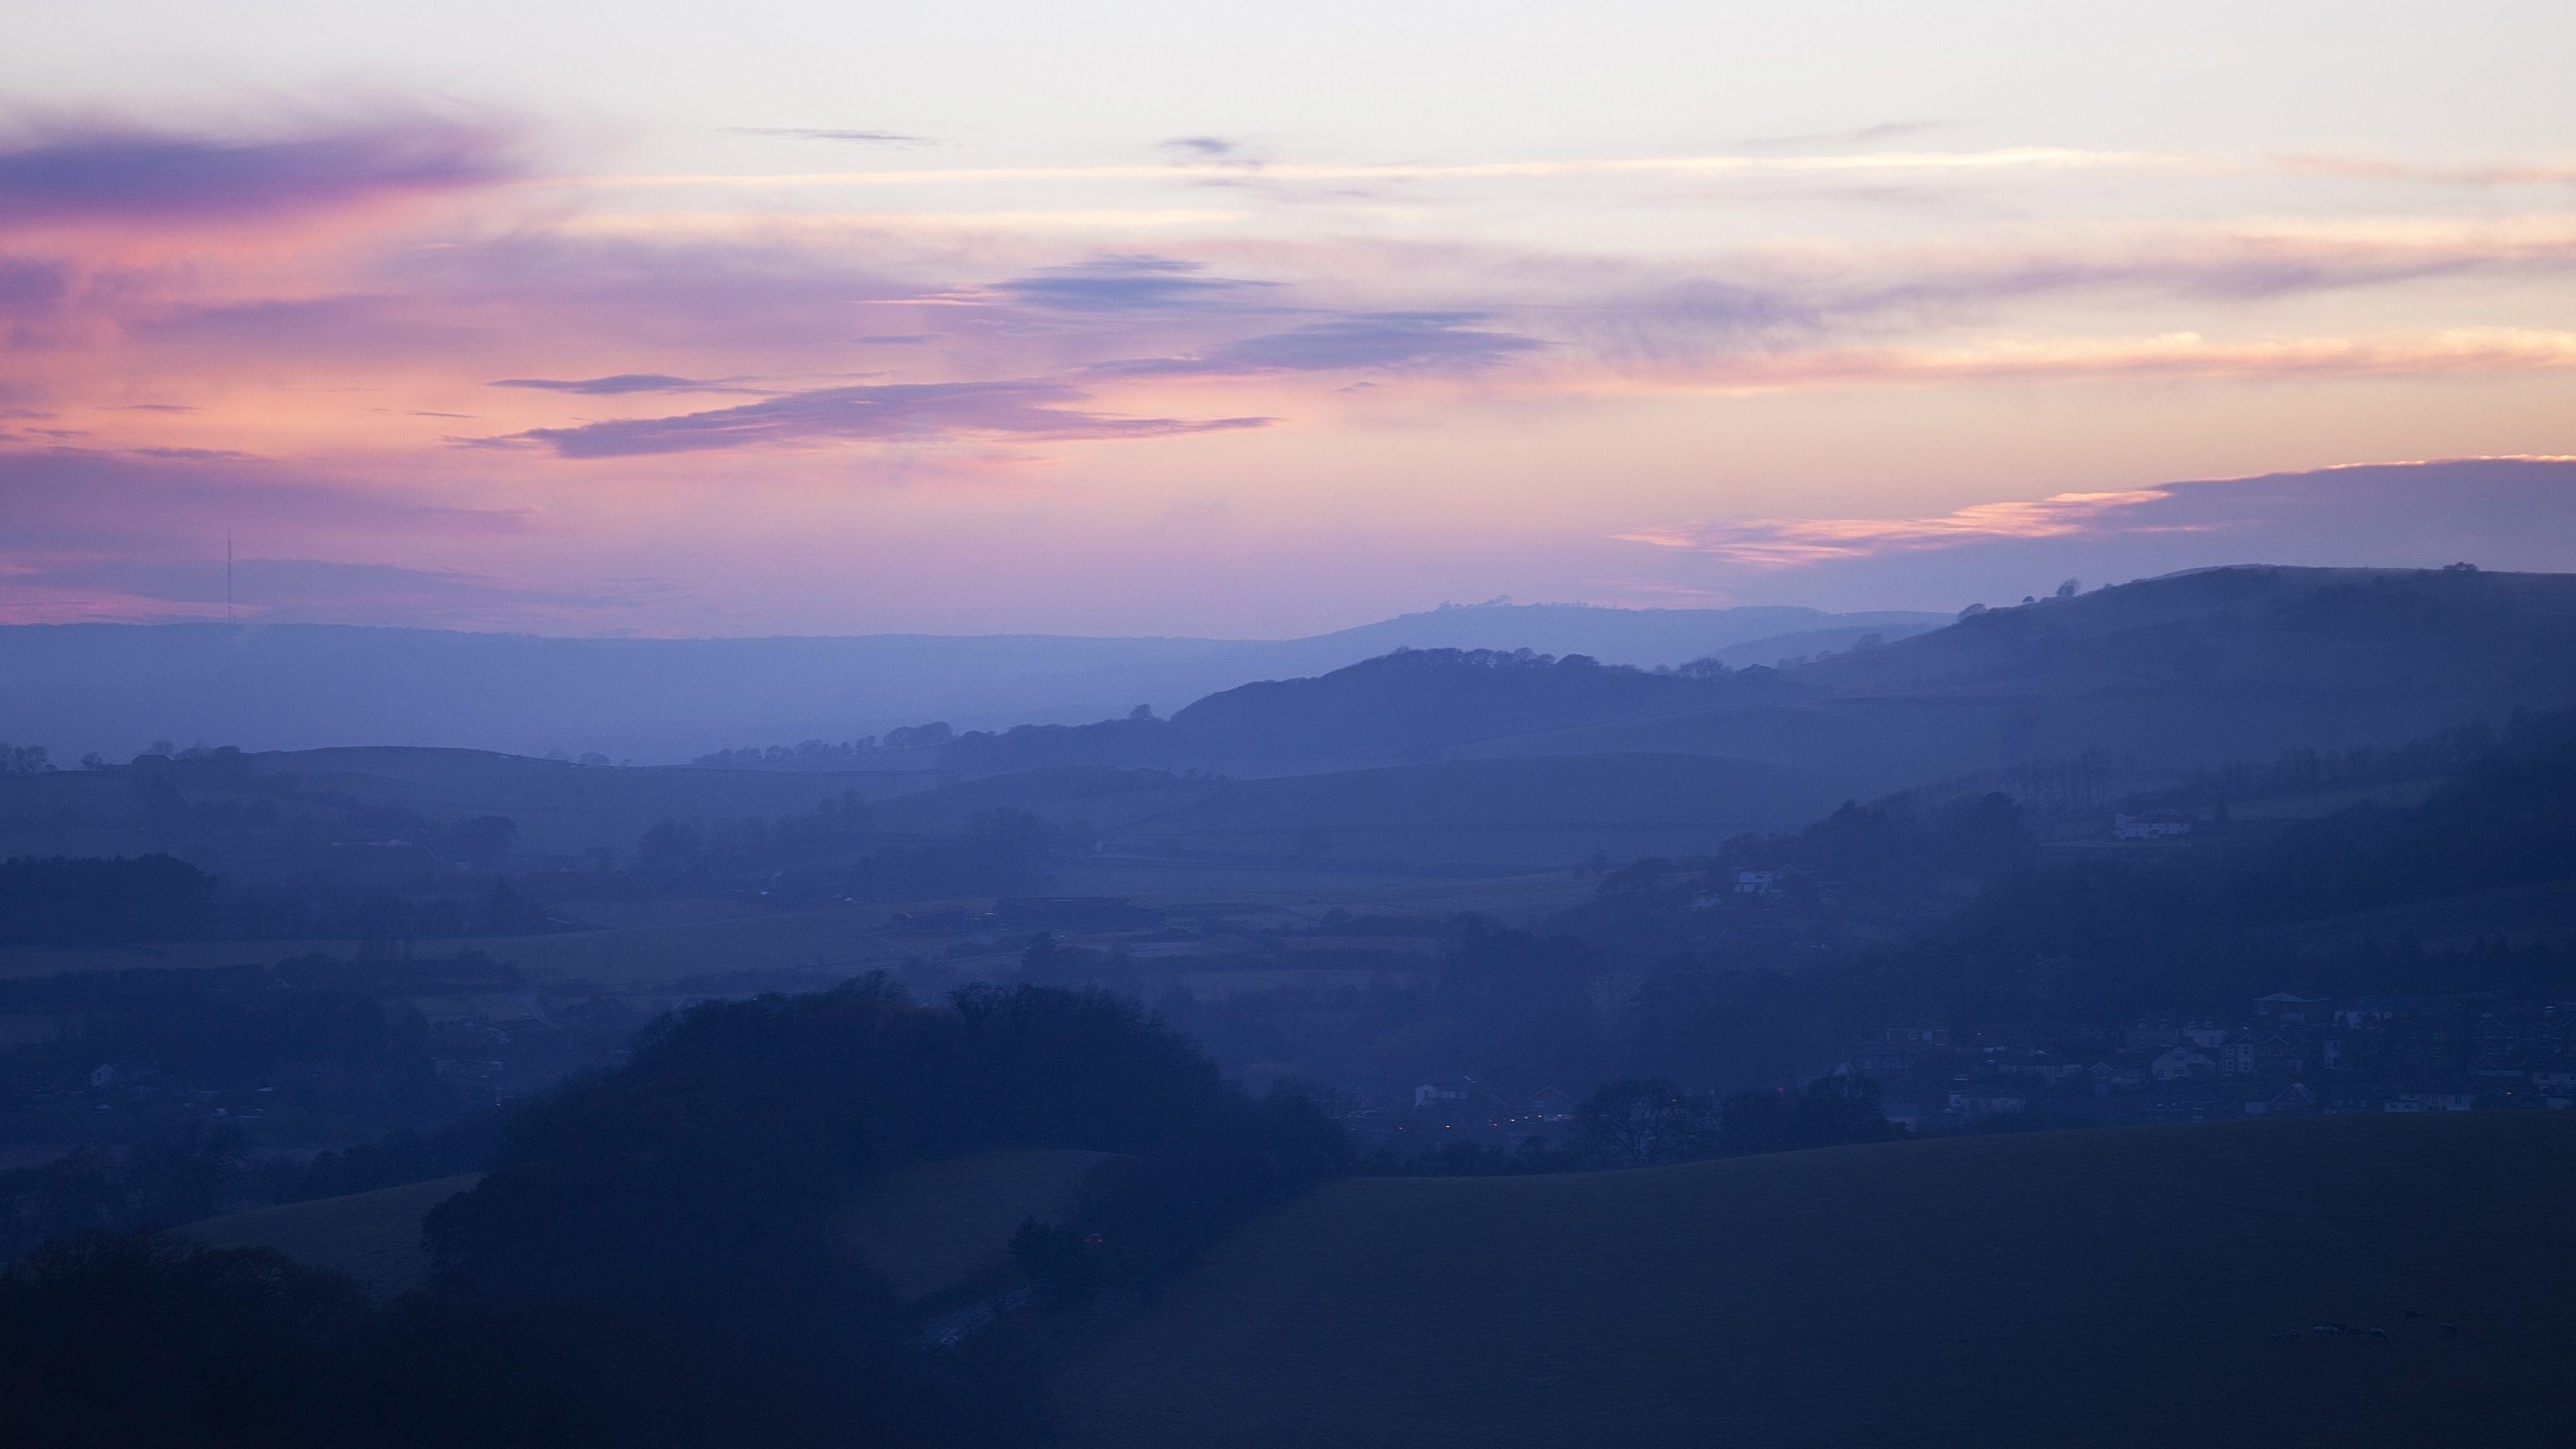 Blue Hills Sunset HD Wallpaper From Gallsource.com